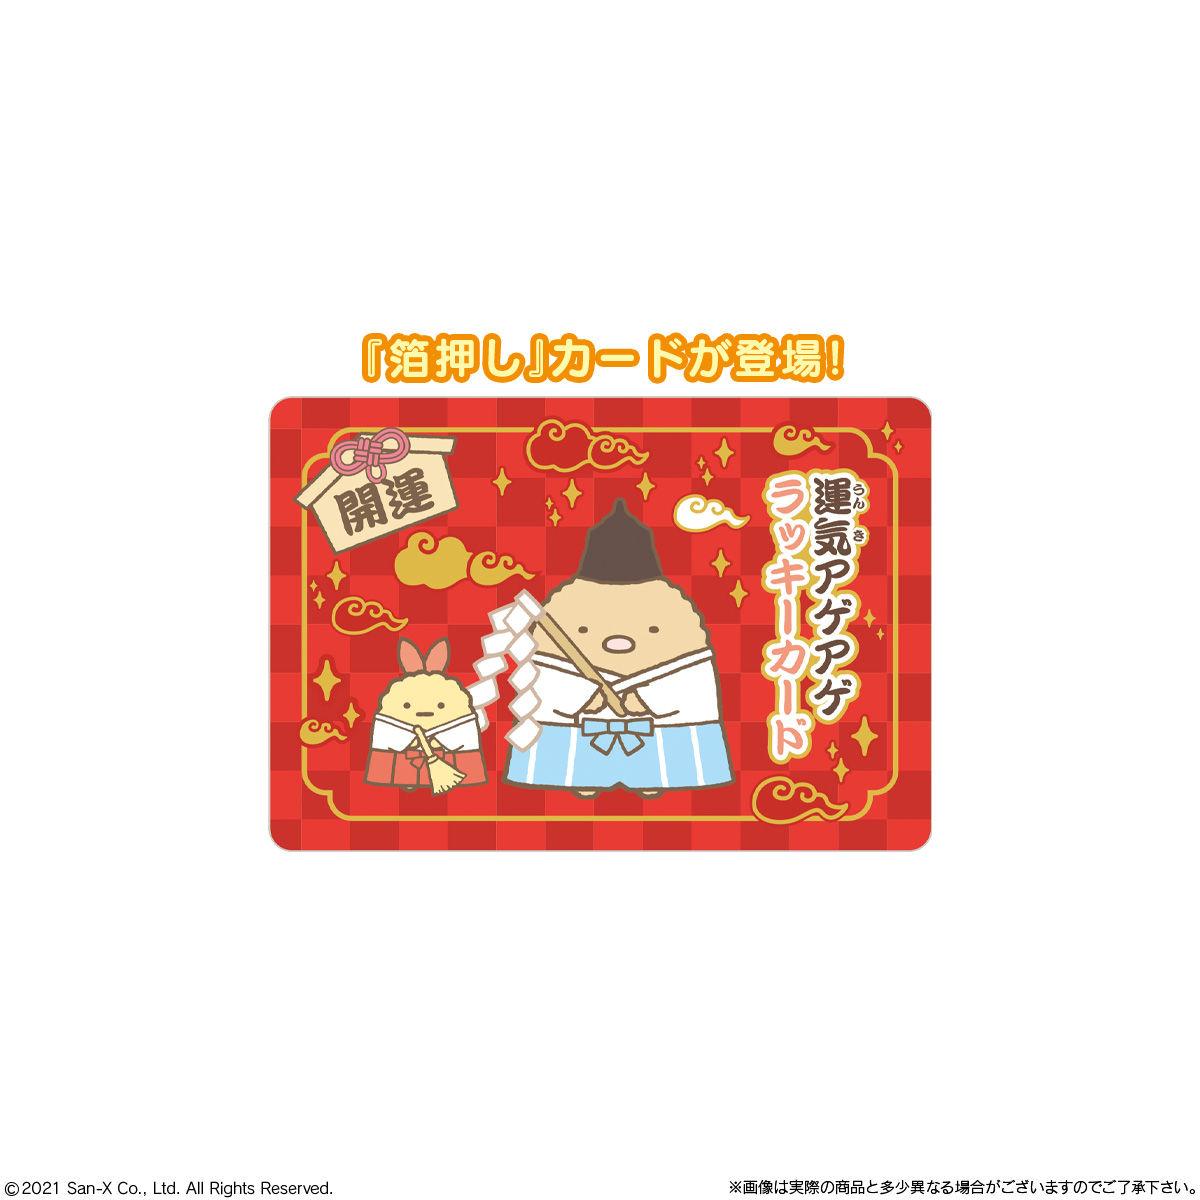 すみっコぐらし コレクションカードグミ4_2